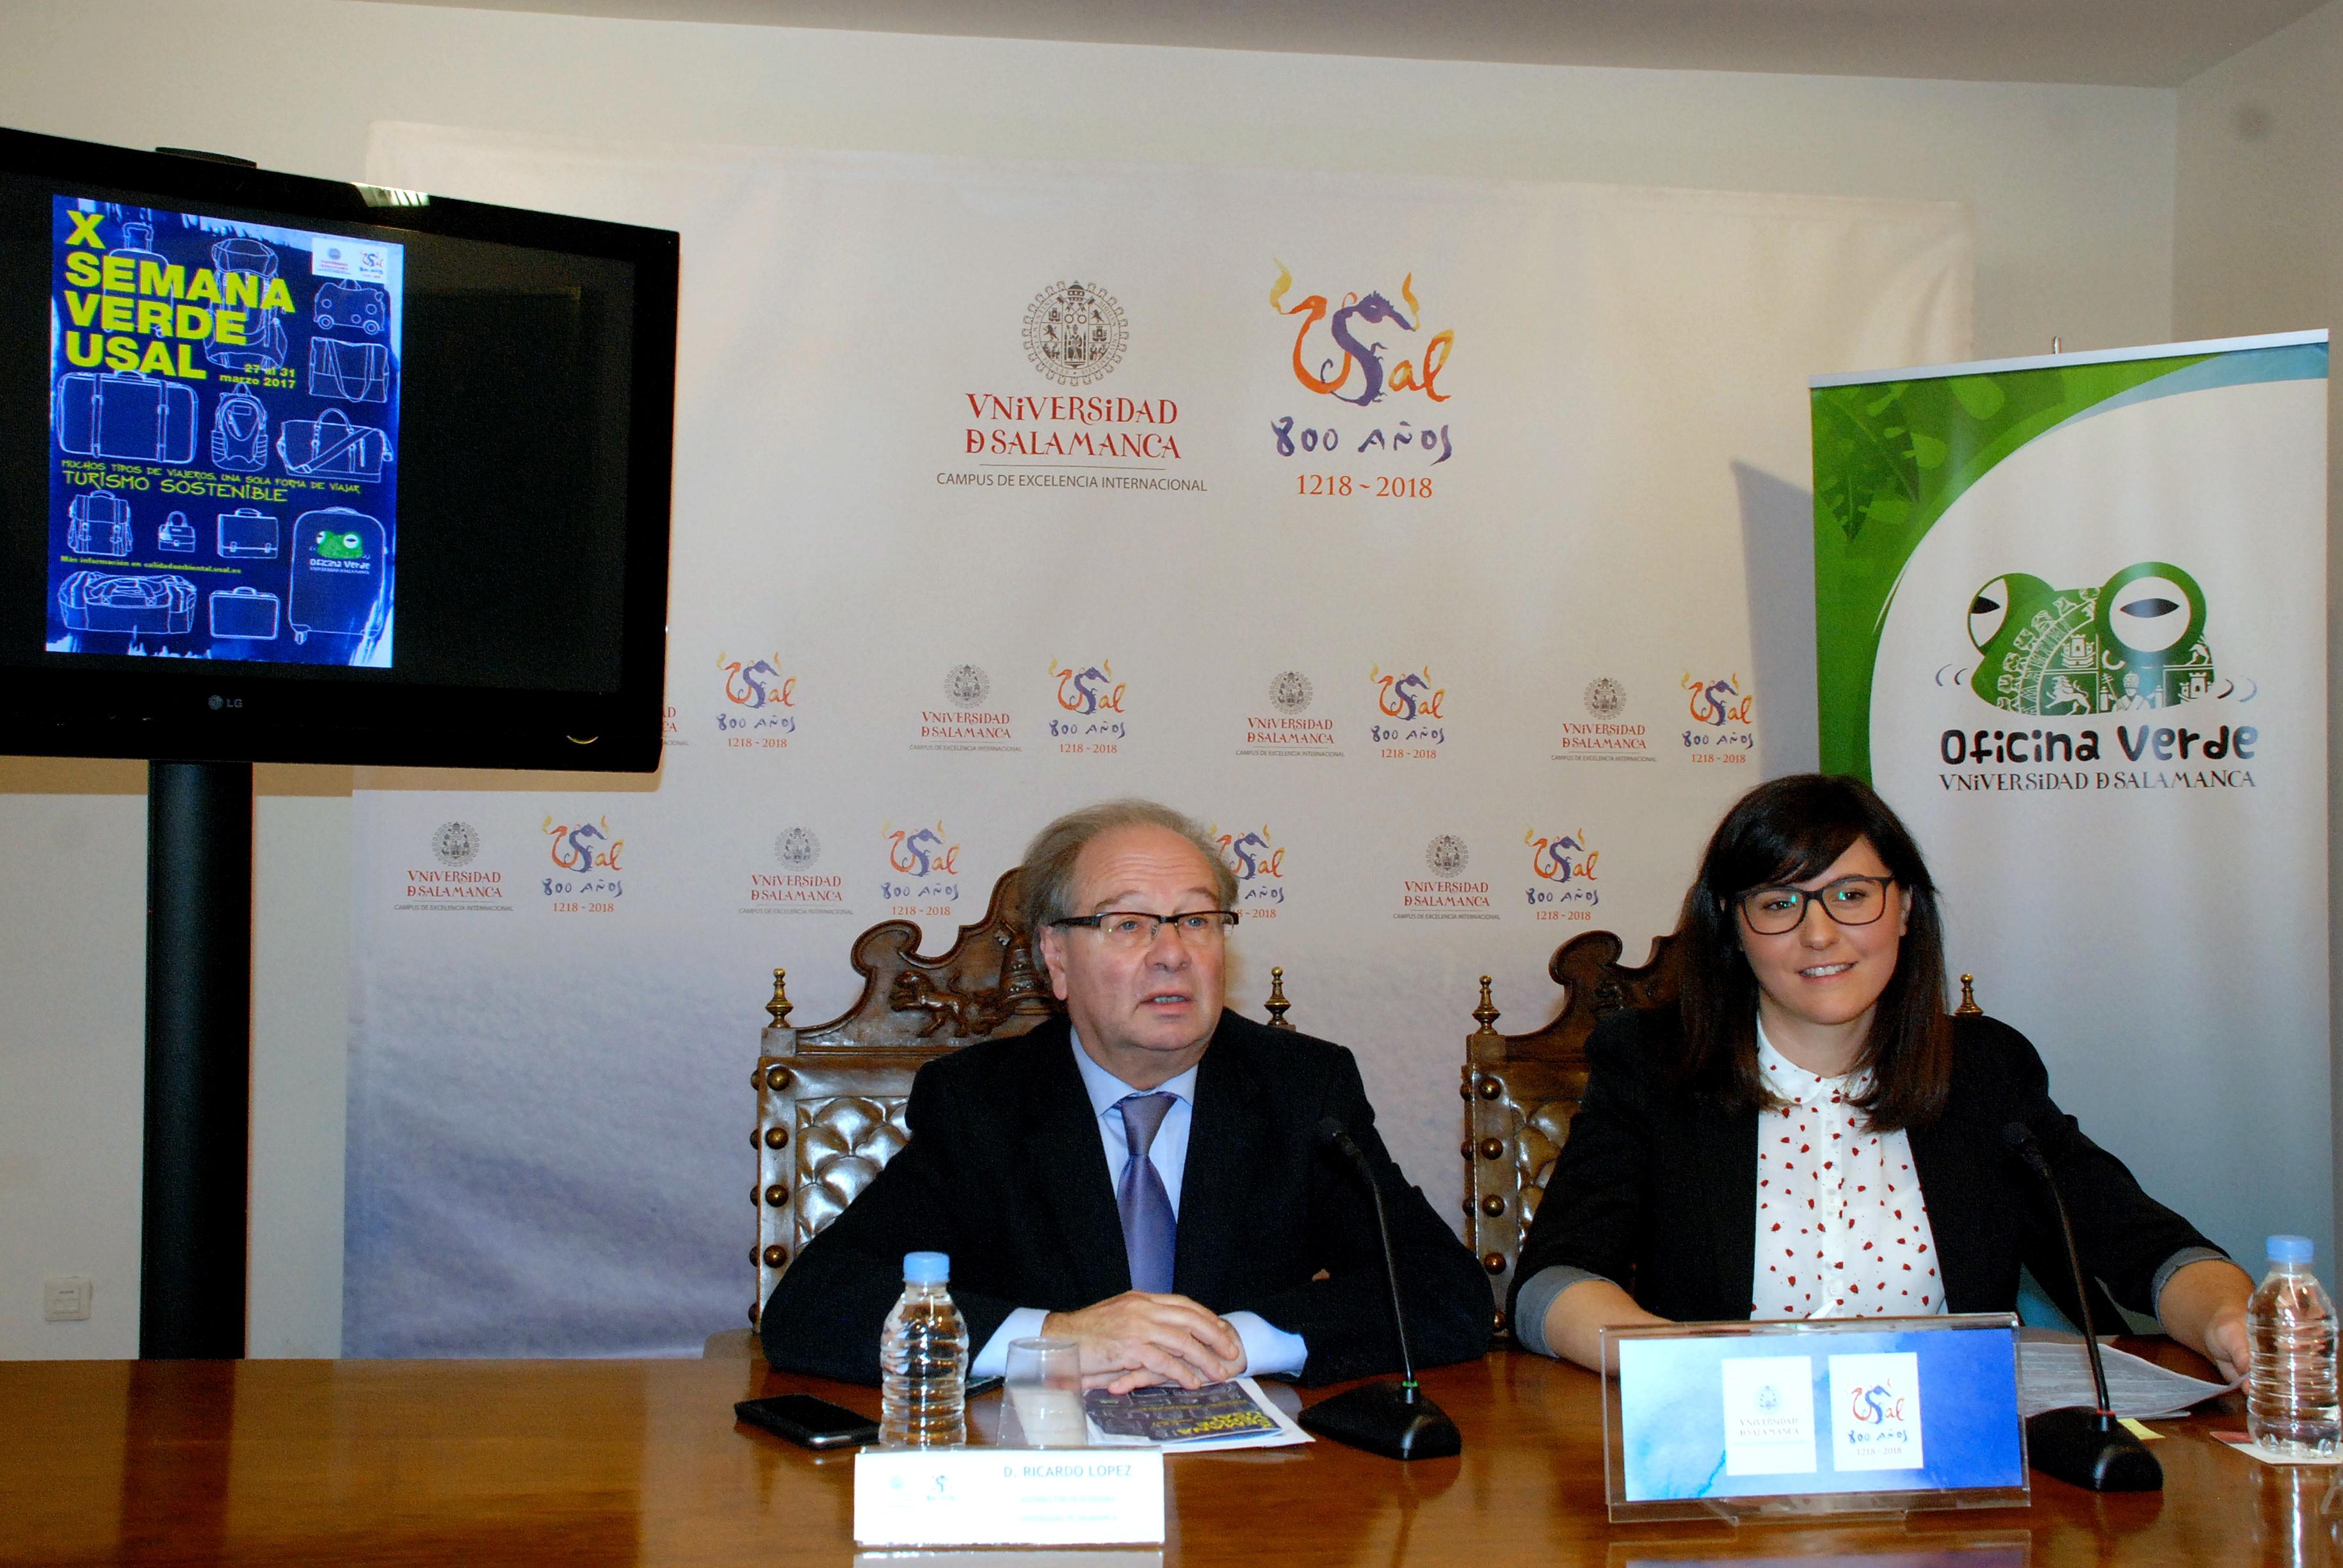 La X Semana Verde de la Universidad de Salamanca abordará el turismo sostenible